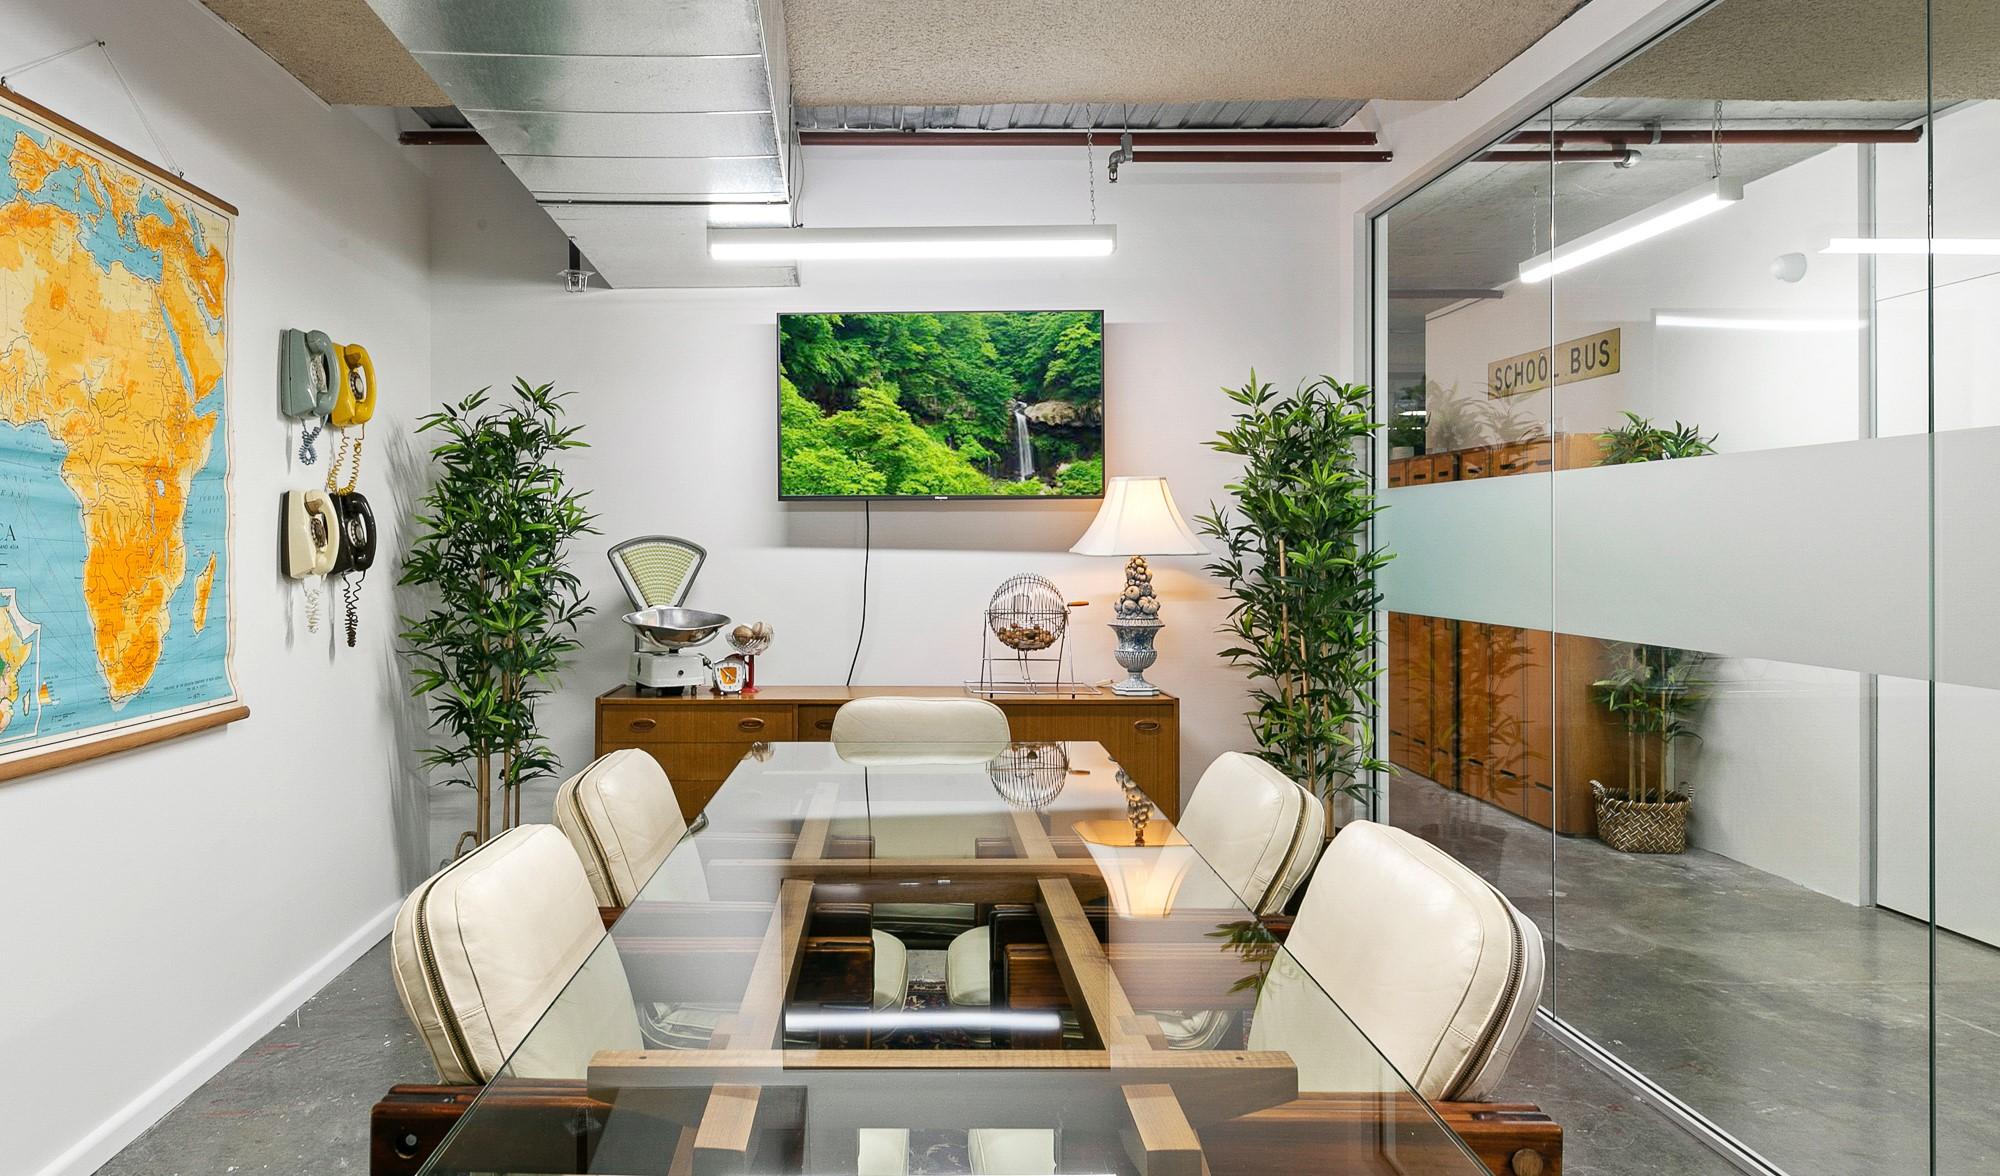 Coworking Hub - Ryde, Sydney